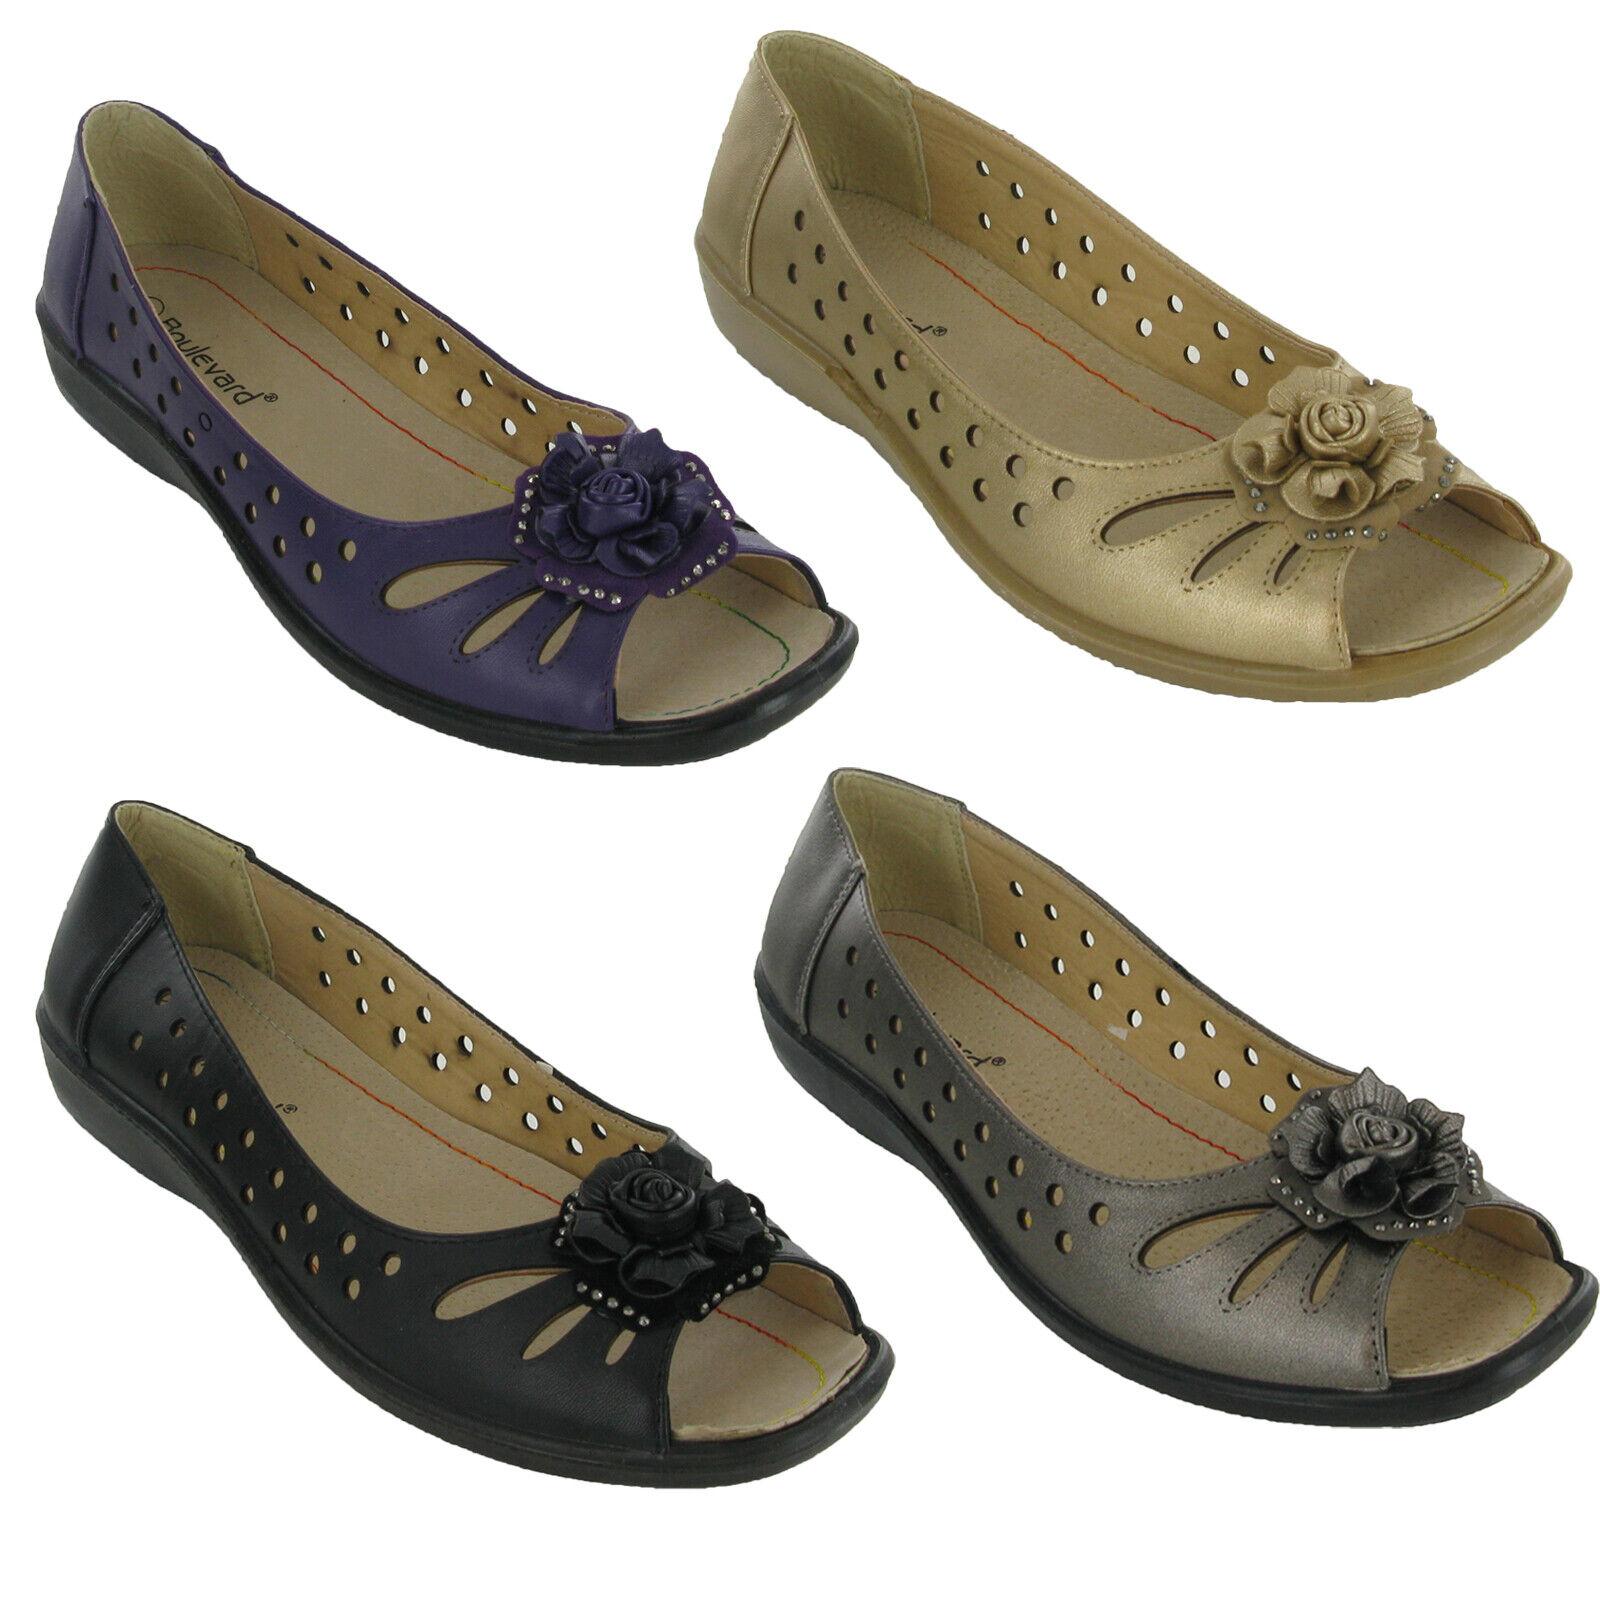 Femme Bout Ouvert Sandale Boulevard Fleur Été Casual Chaussures Low Wedge UK 3 - 9